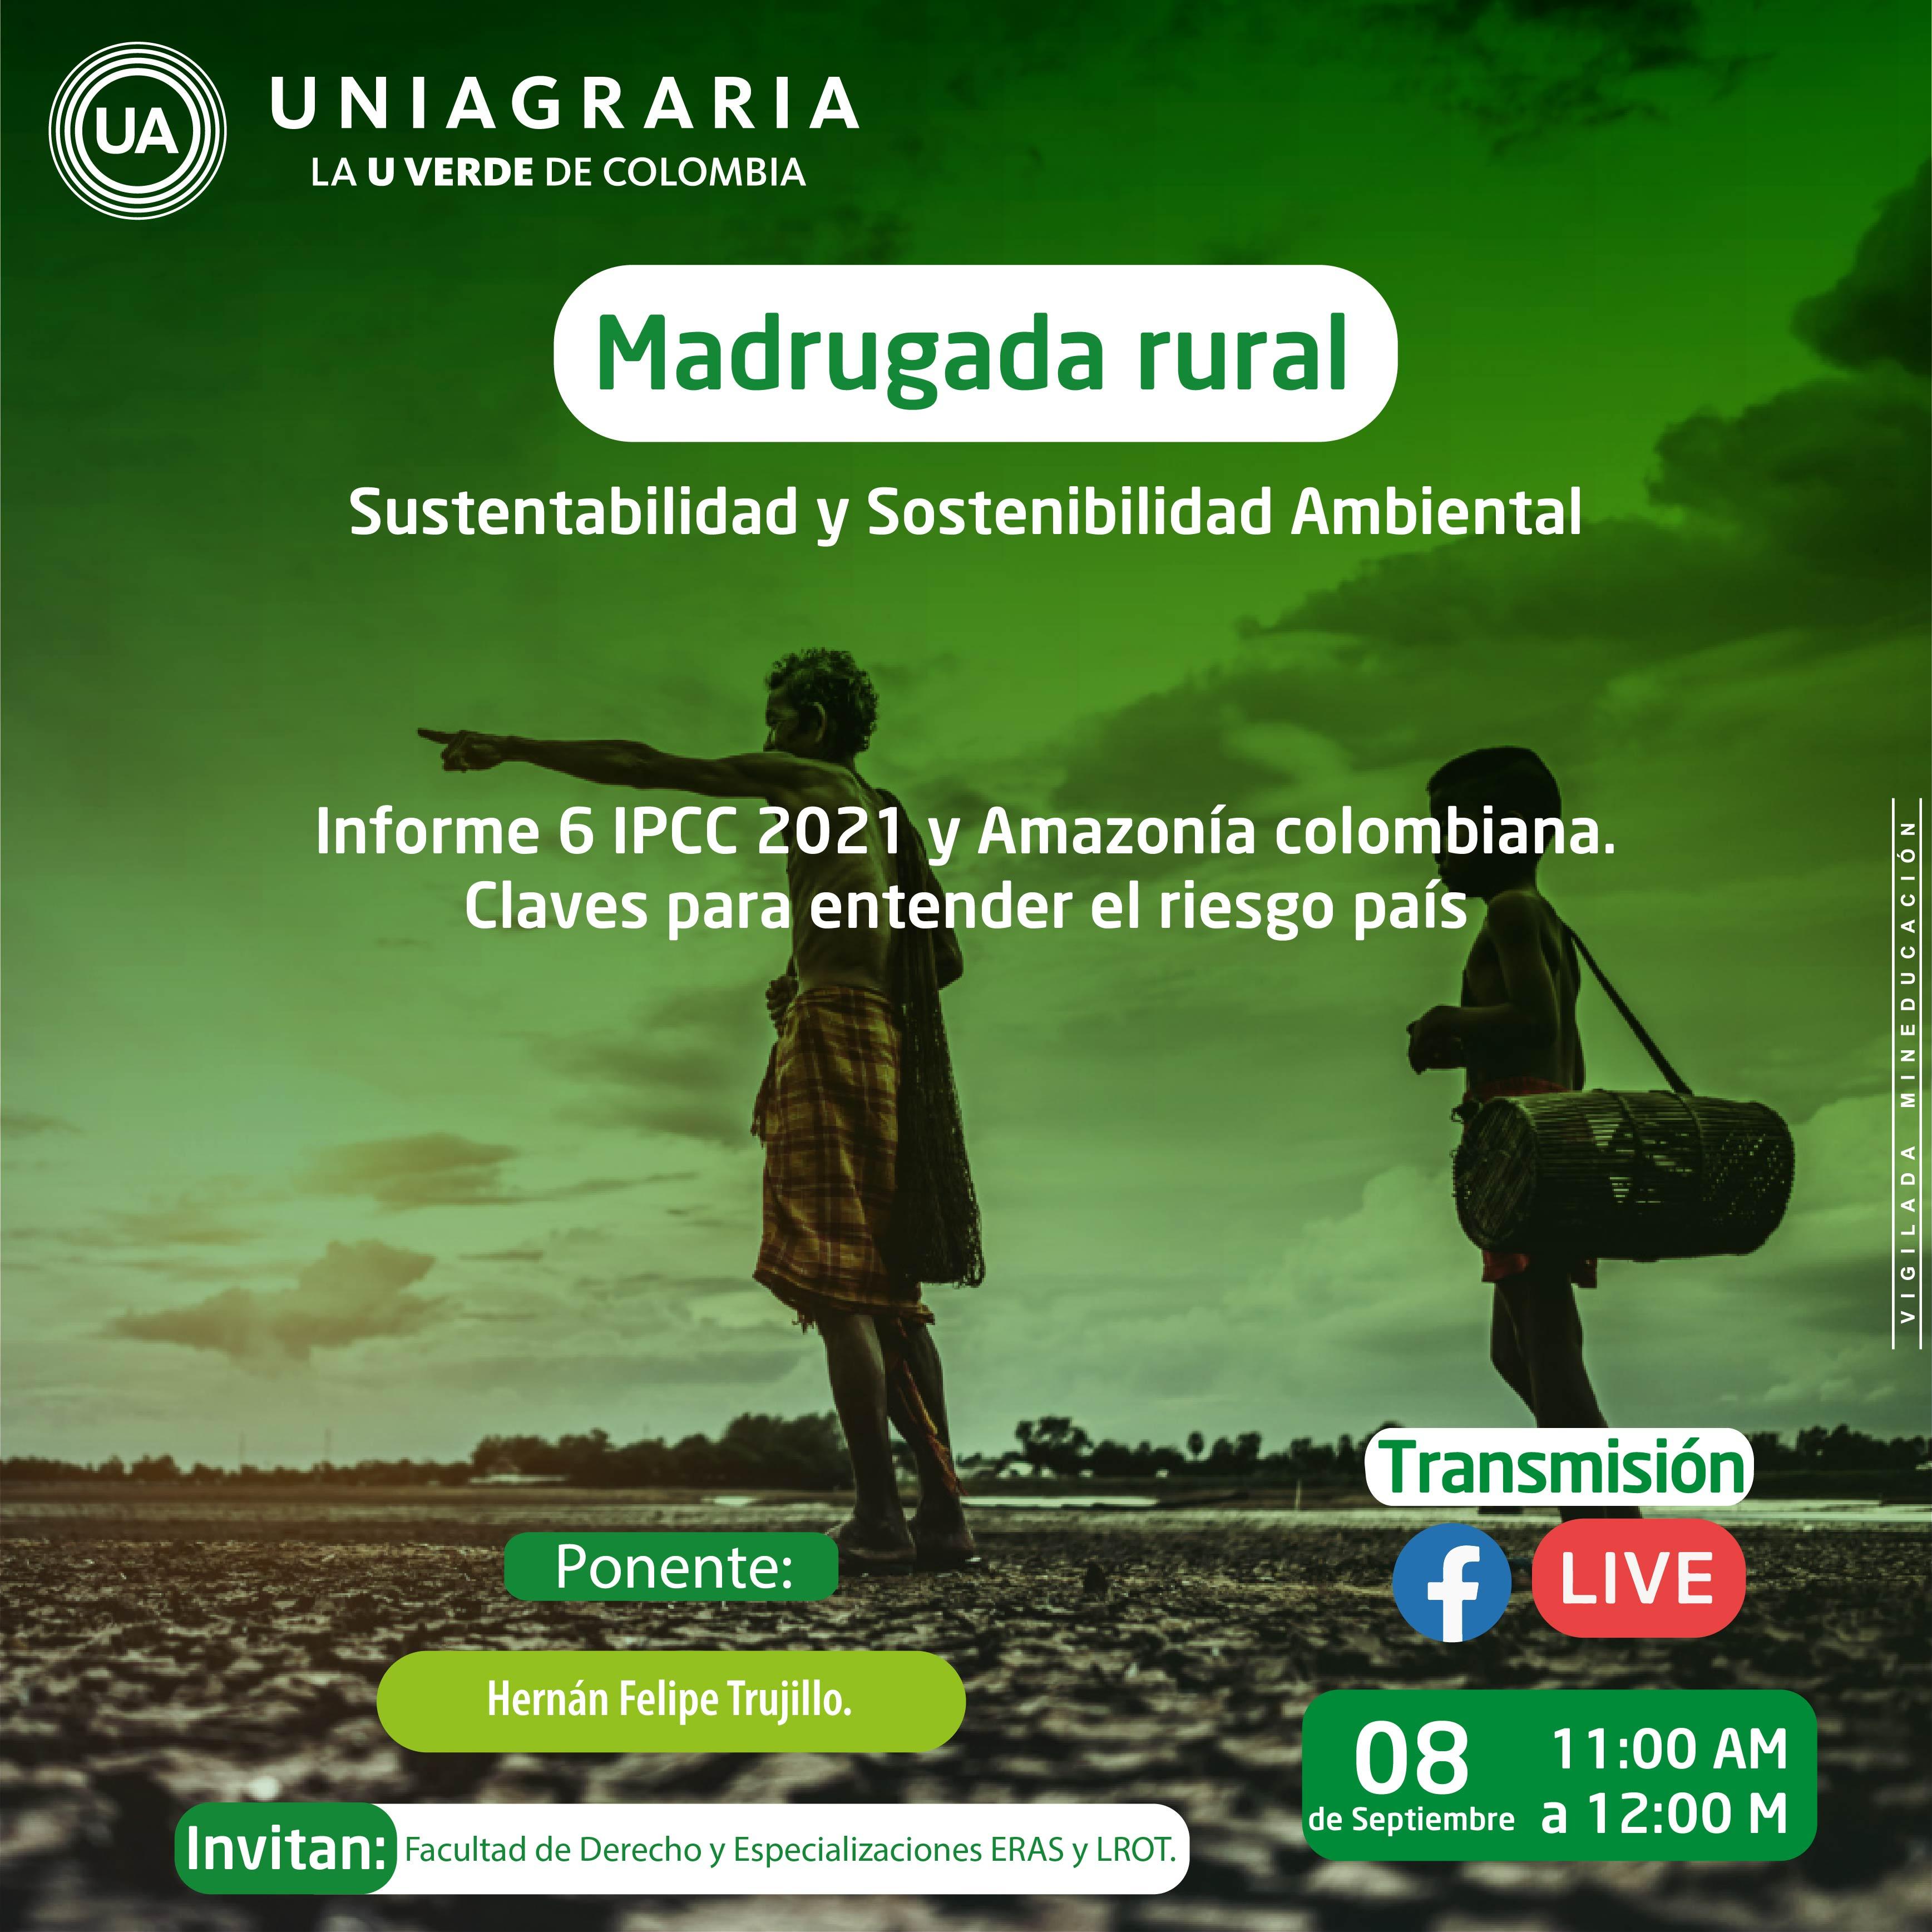 Madrugada rural: Informe 6 IPCC 2021 y Amazonía Colombiana